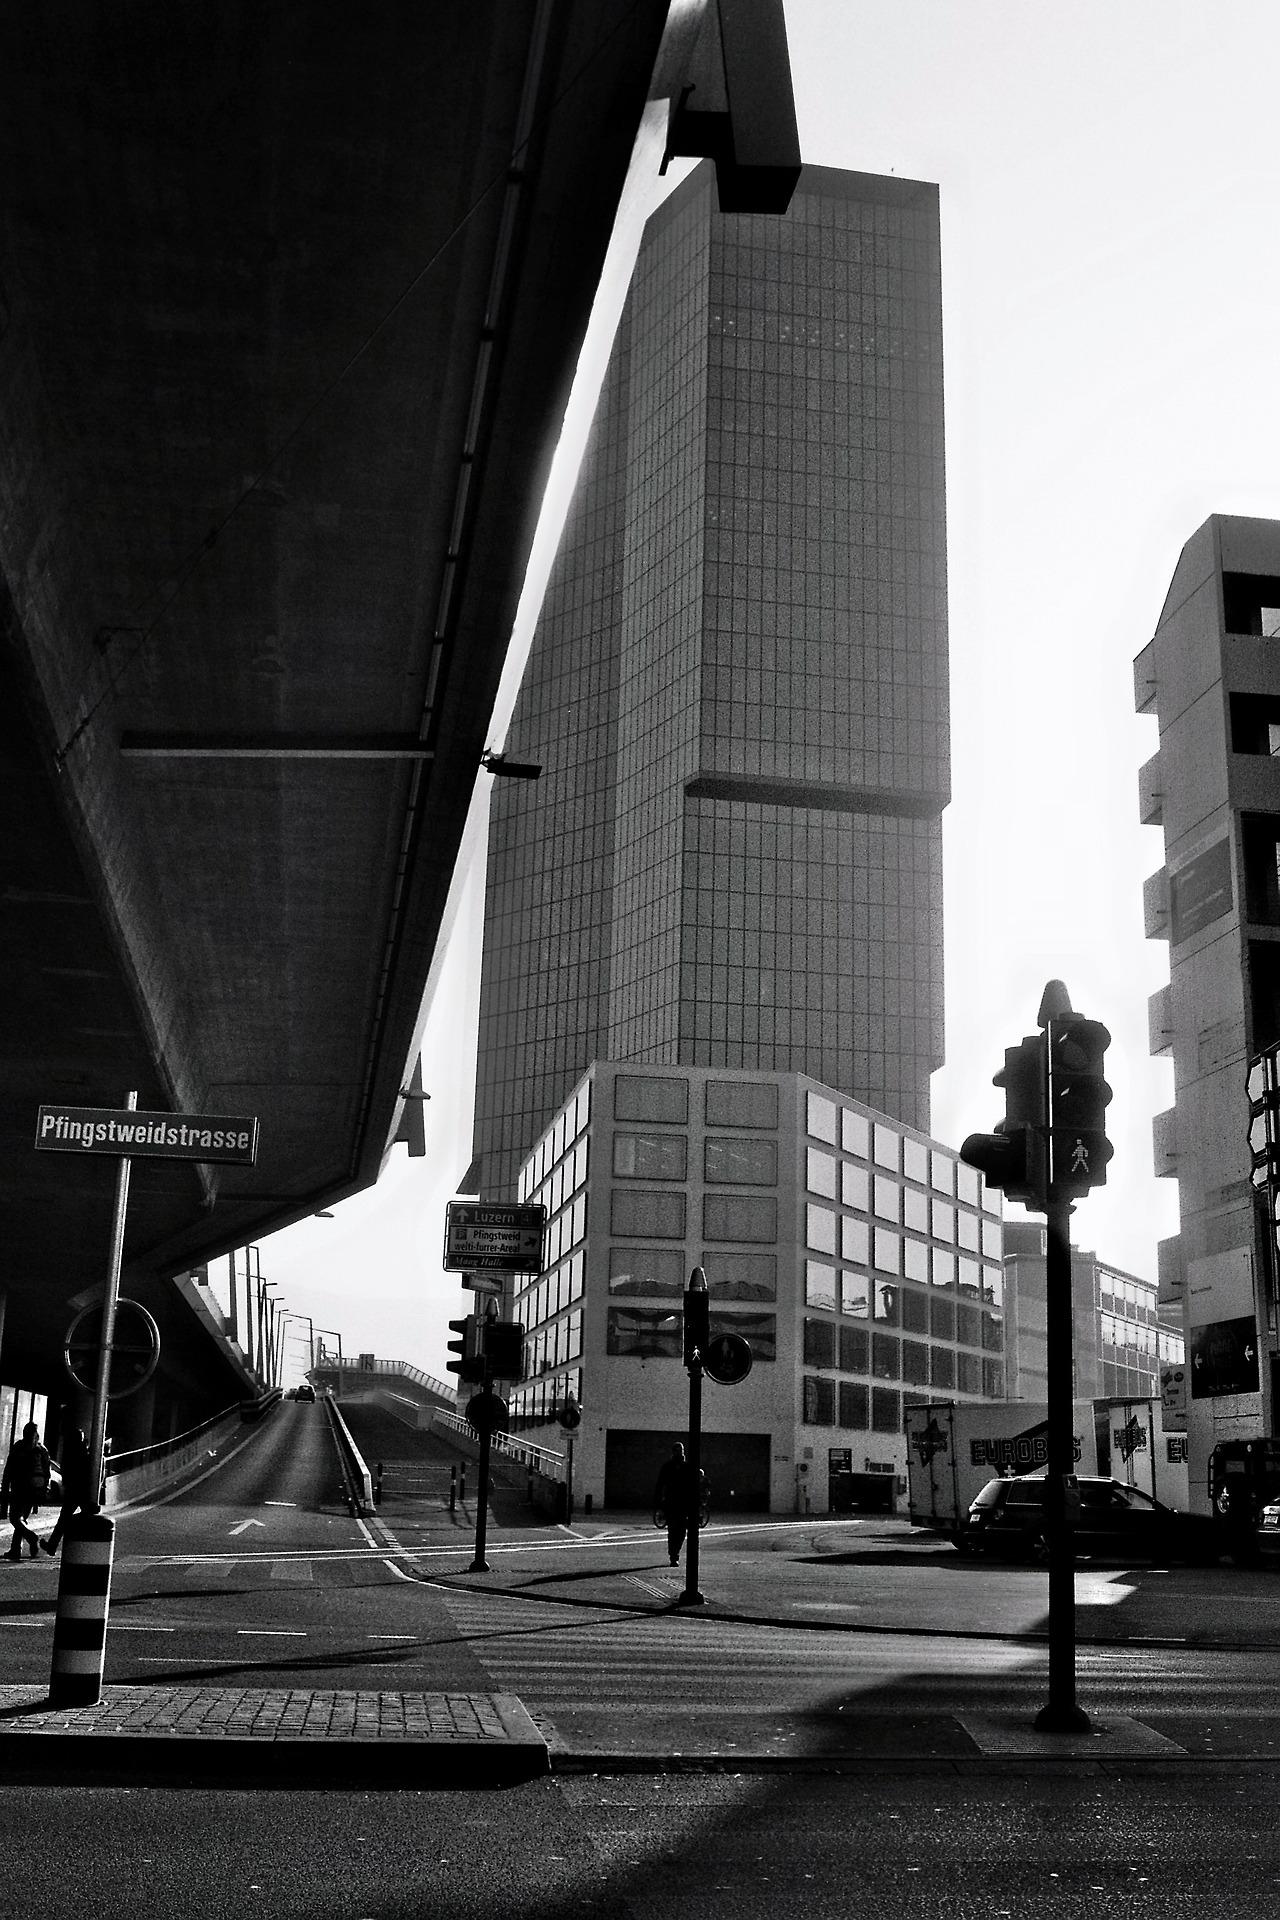 defcononerec  hat den Prime Tower mal aus einer anderen Perspektive angeschaut und für uns eingefangen. Dieses mal auch ohne dem charakteristischen Blau des Towers.